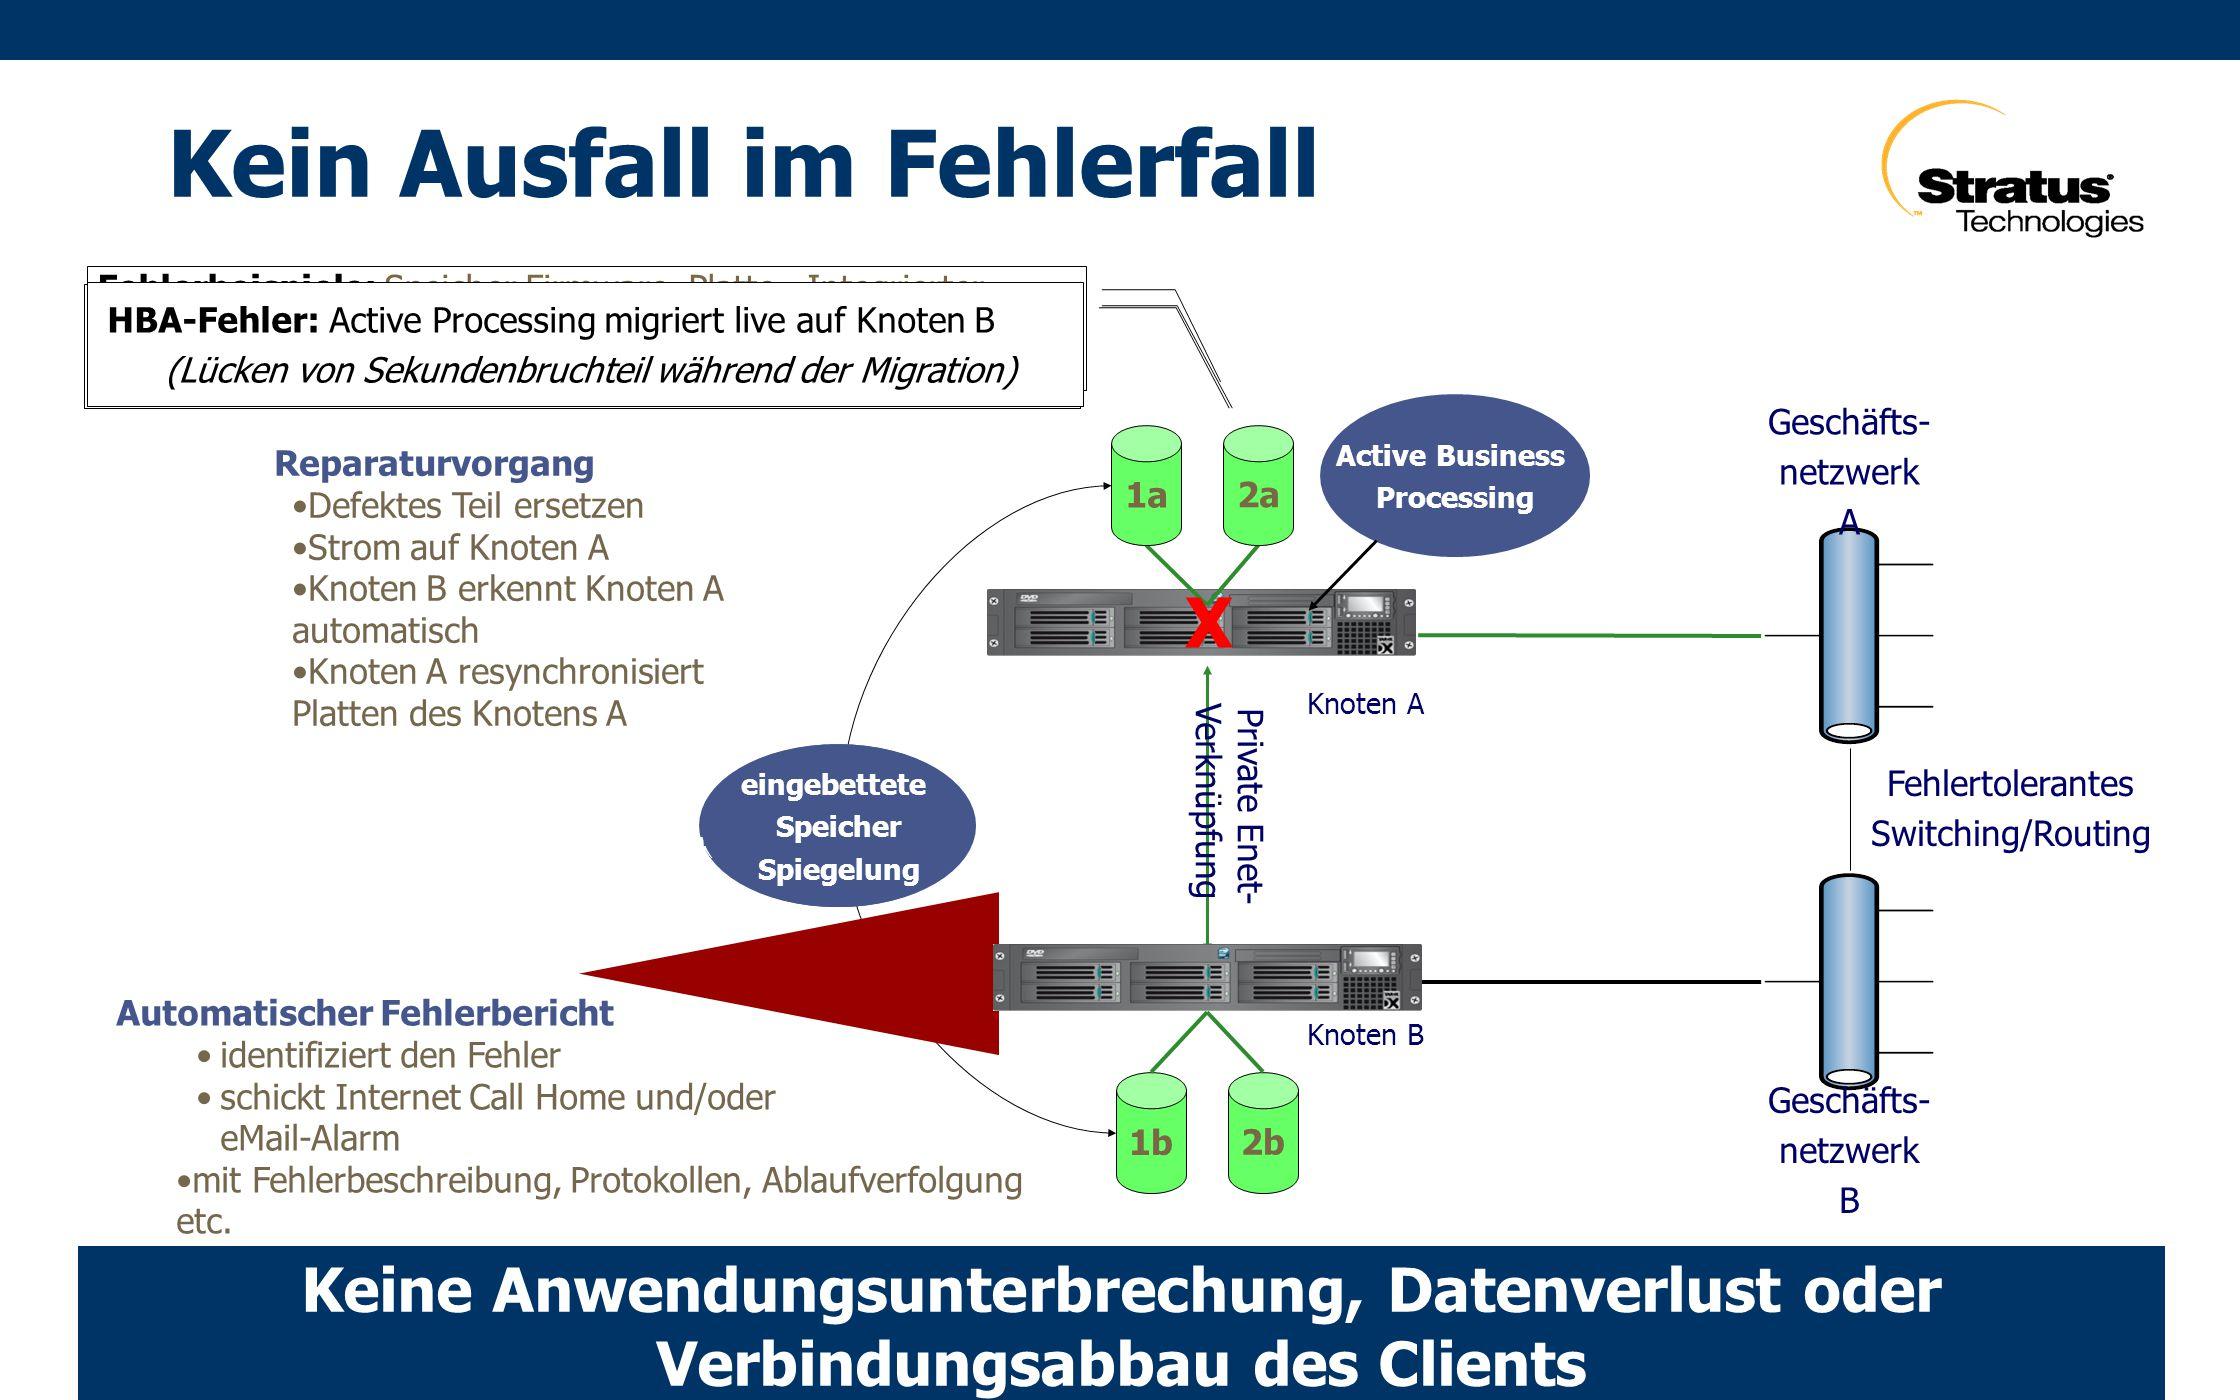 HBA-Fehler: Active Processing geht auf NetzknotenA weiter durch Speichernutzung auf NetzknotenB Fehlerbeispiele: Speicher Firmware, Platte, Integrierter Speichercontroller, SAN-Schalter, NIC, Netzwerkkabel, Lüfter, Raid-Cache-Controller, Internspeicher, Internal Interconnect, etc HBA-Fehler: Active Processing migriert live auf Knoten B (Lücken von Sekundenbruchteil während der Migration) Speicher Resynchroniserung 1b 2b Fehlertolerantes Switching/Routing Geschäfts- netzwerk B Geschäfts- netzwerk A 1a 2a Active Business Processing X Private Enet- Verknüpfung eingebettete Speicher Spiegelung Knoten A Knoten B Keine Anwendungsunterbrechung, Datenverlust oder Verbindungsabbau des Clients Automatischer Fehlerbericht identifiziert den Fehler schickt Internet Call Home und/oder eMail-Alarm mit Fehlerbeschreibung, Protokollen, Ablaufverfolgung etc.